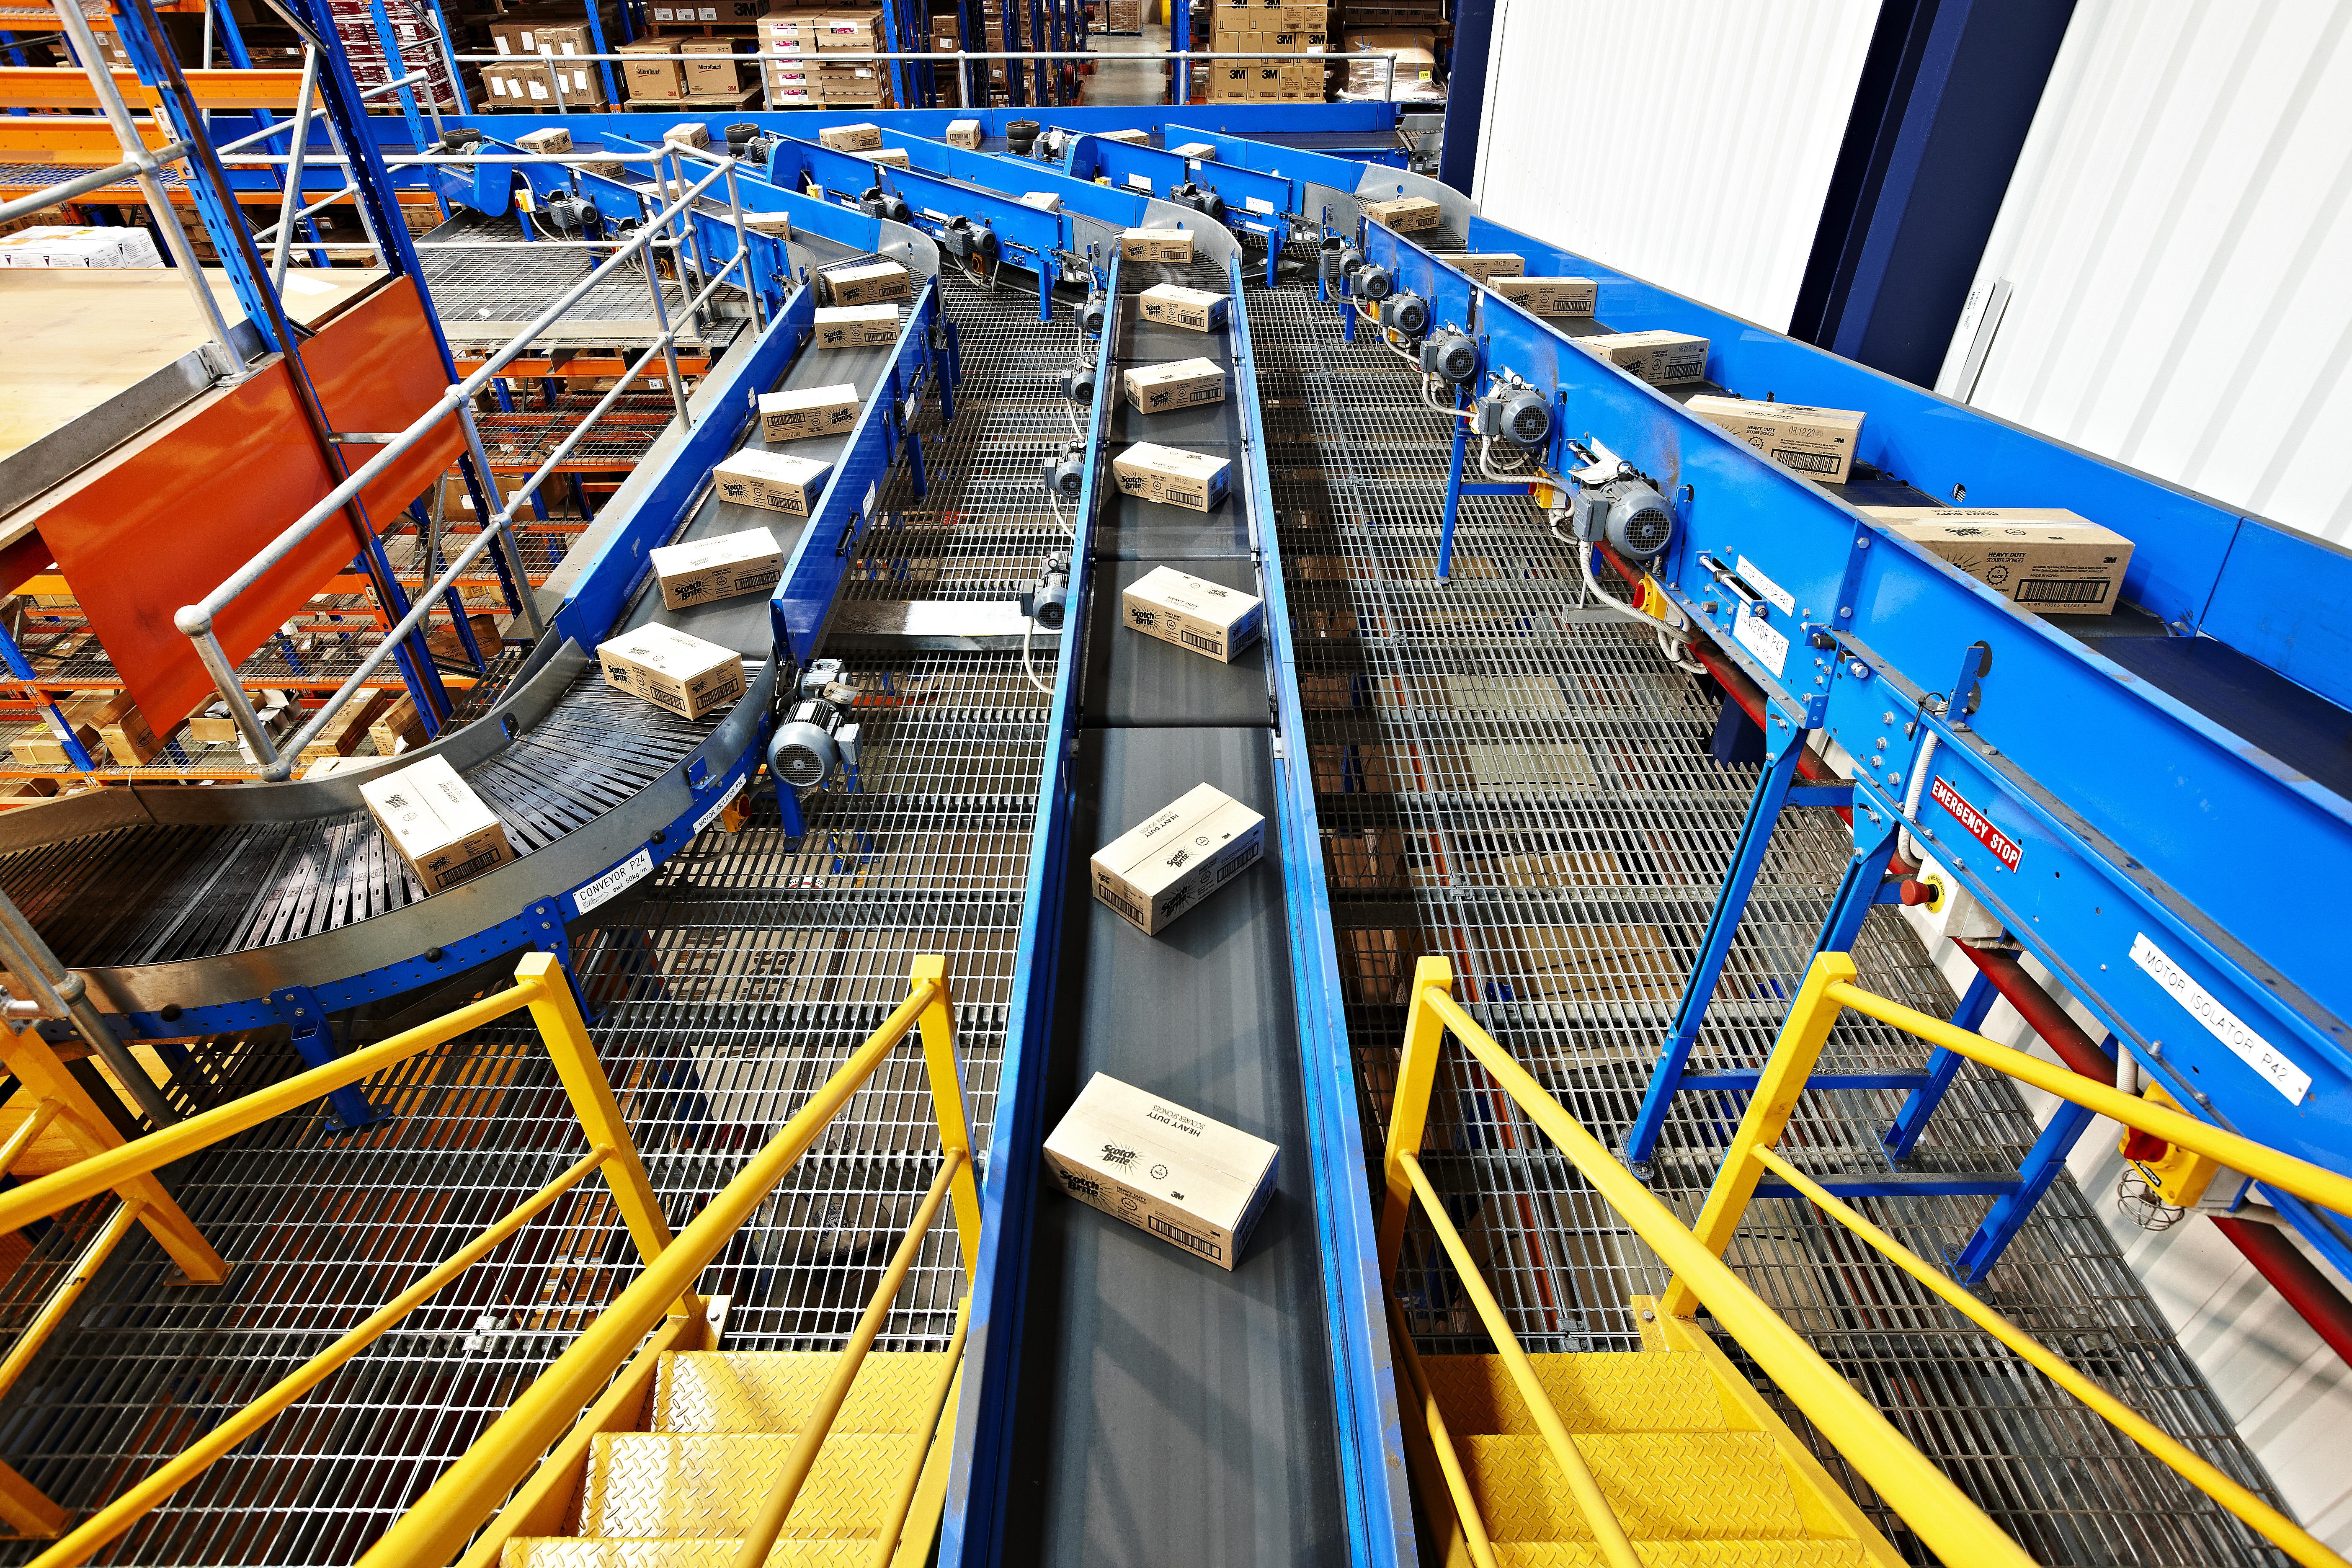 Conveyor Sorter